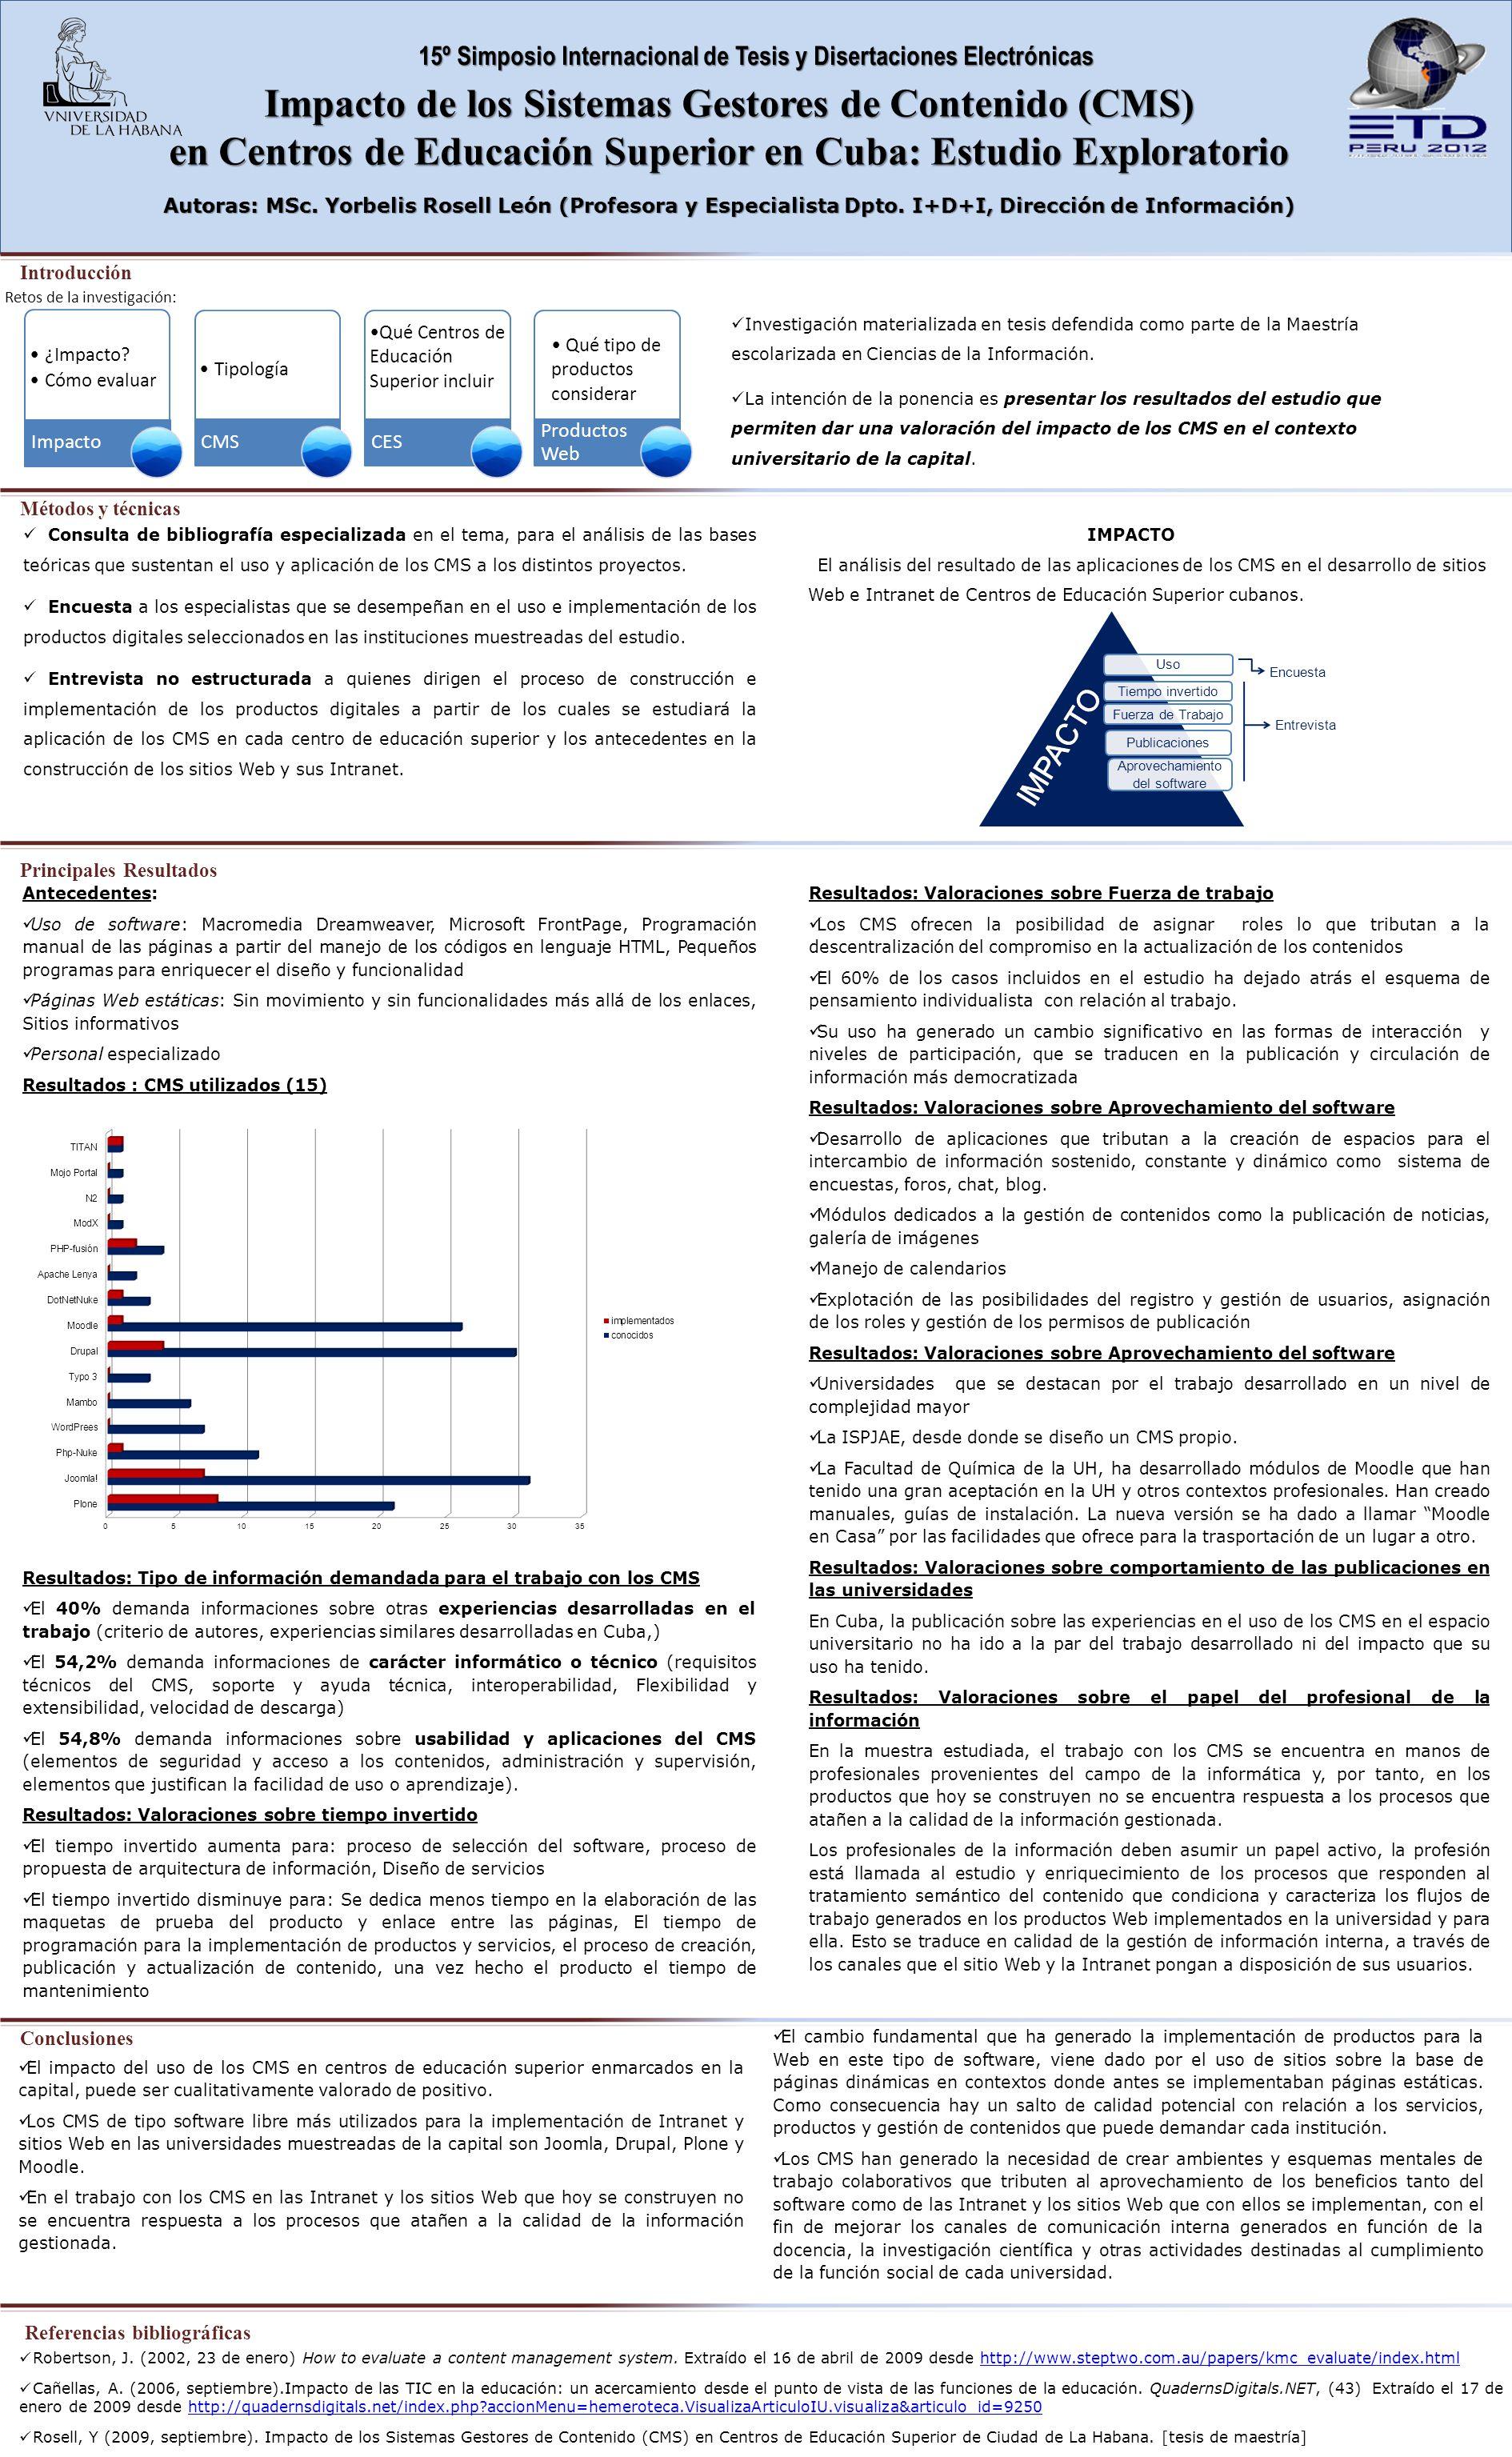 15º Simposio Internacional de Tesis y Disertaciones Electrónicas Impacto de los Sistemas Gestores de Contenido (CMS) en Centros de Educación Superior